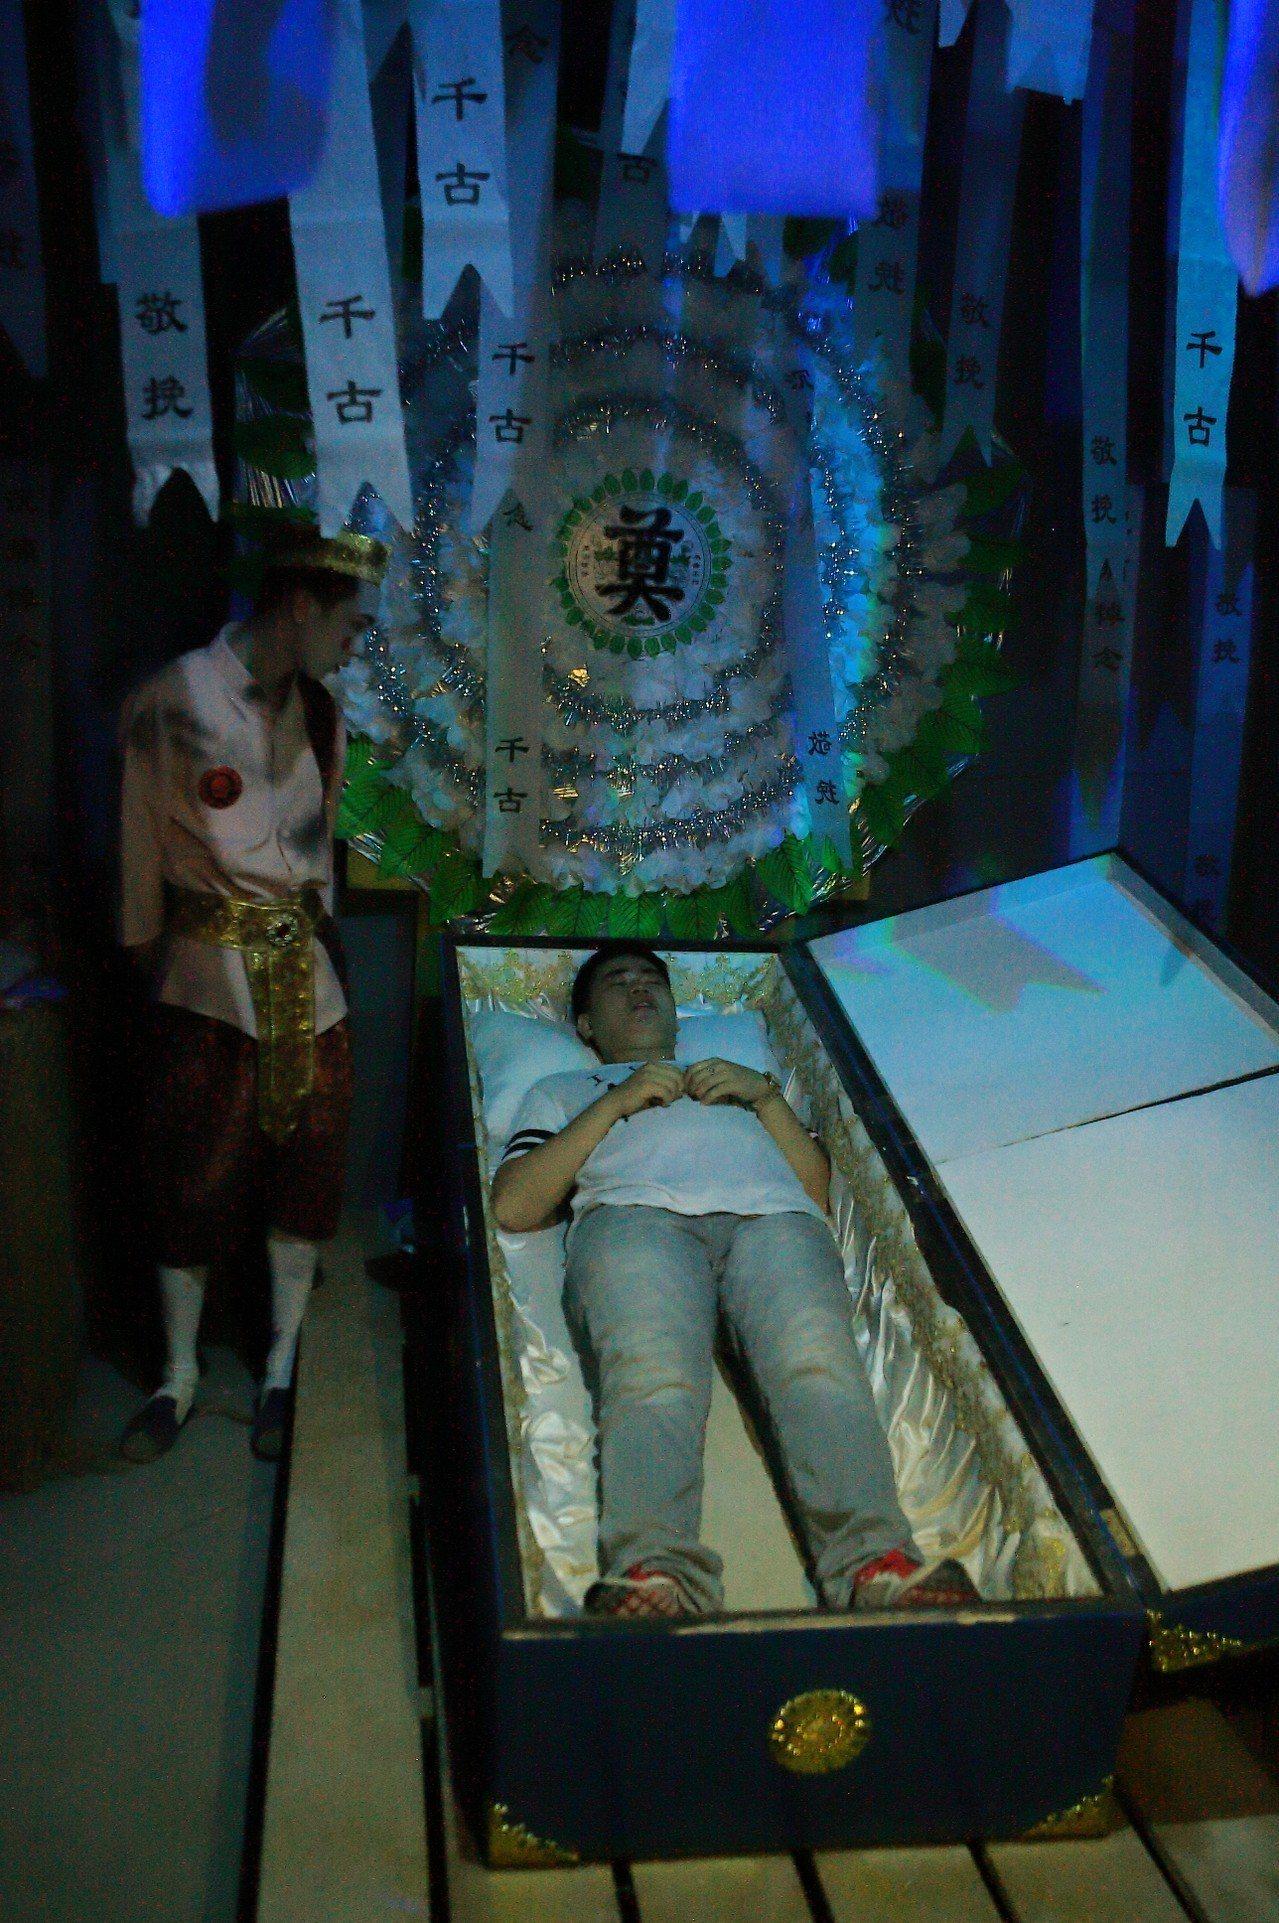 許多人搶著感受「躺棺材」的特殊體驗。記者陳睿中/攝影